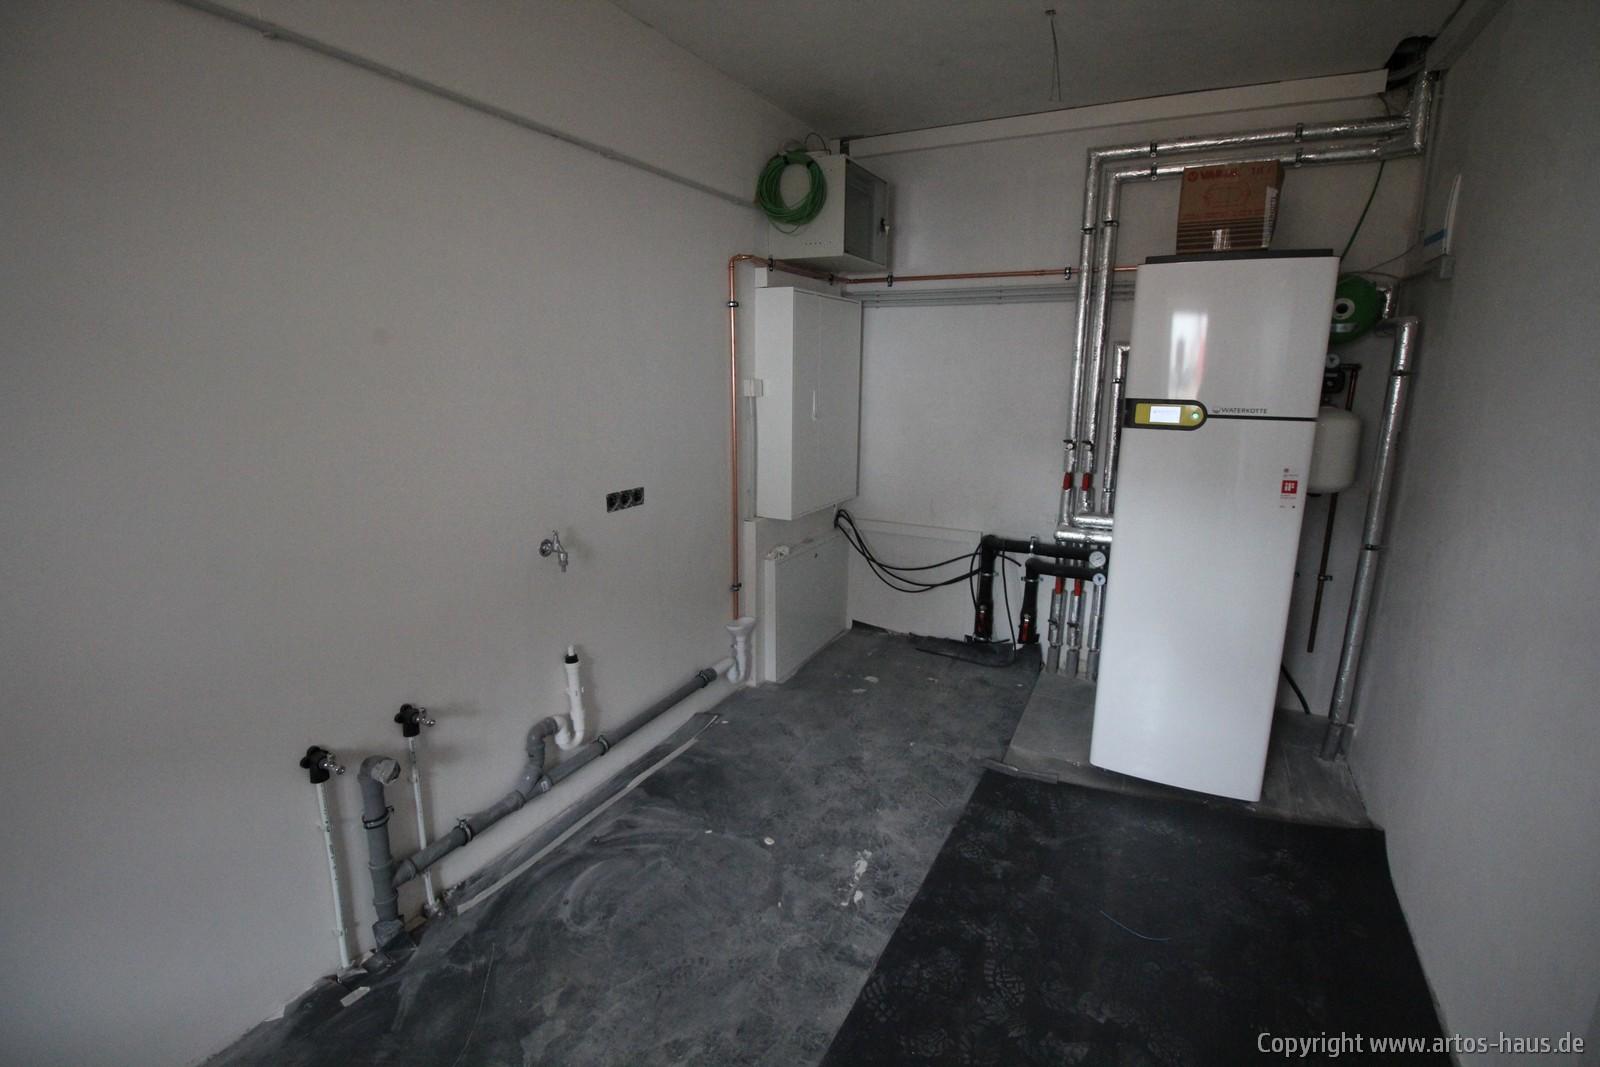 Artos Bauvorhaben in 53332 Bornheim-Roisdorf Innenausbau 6